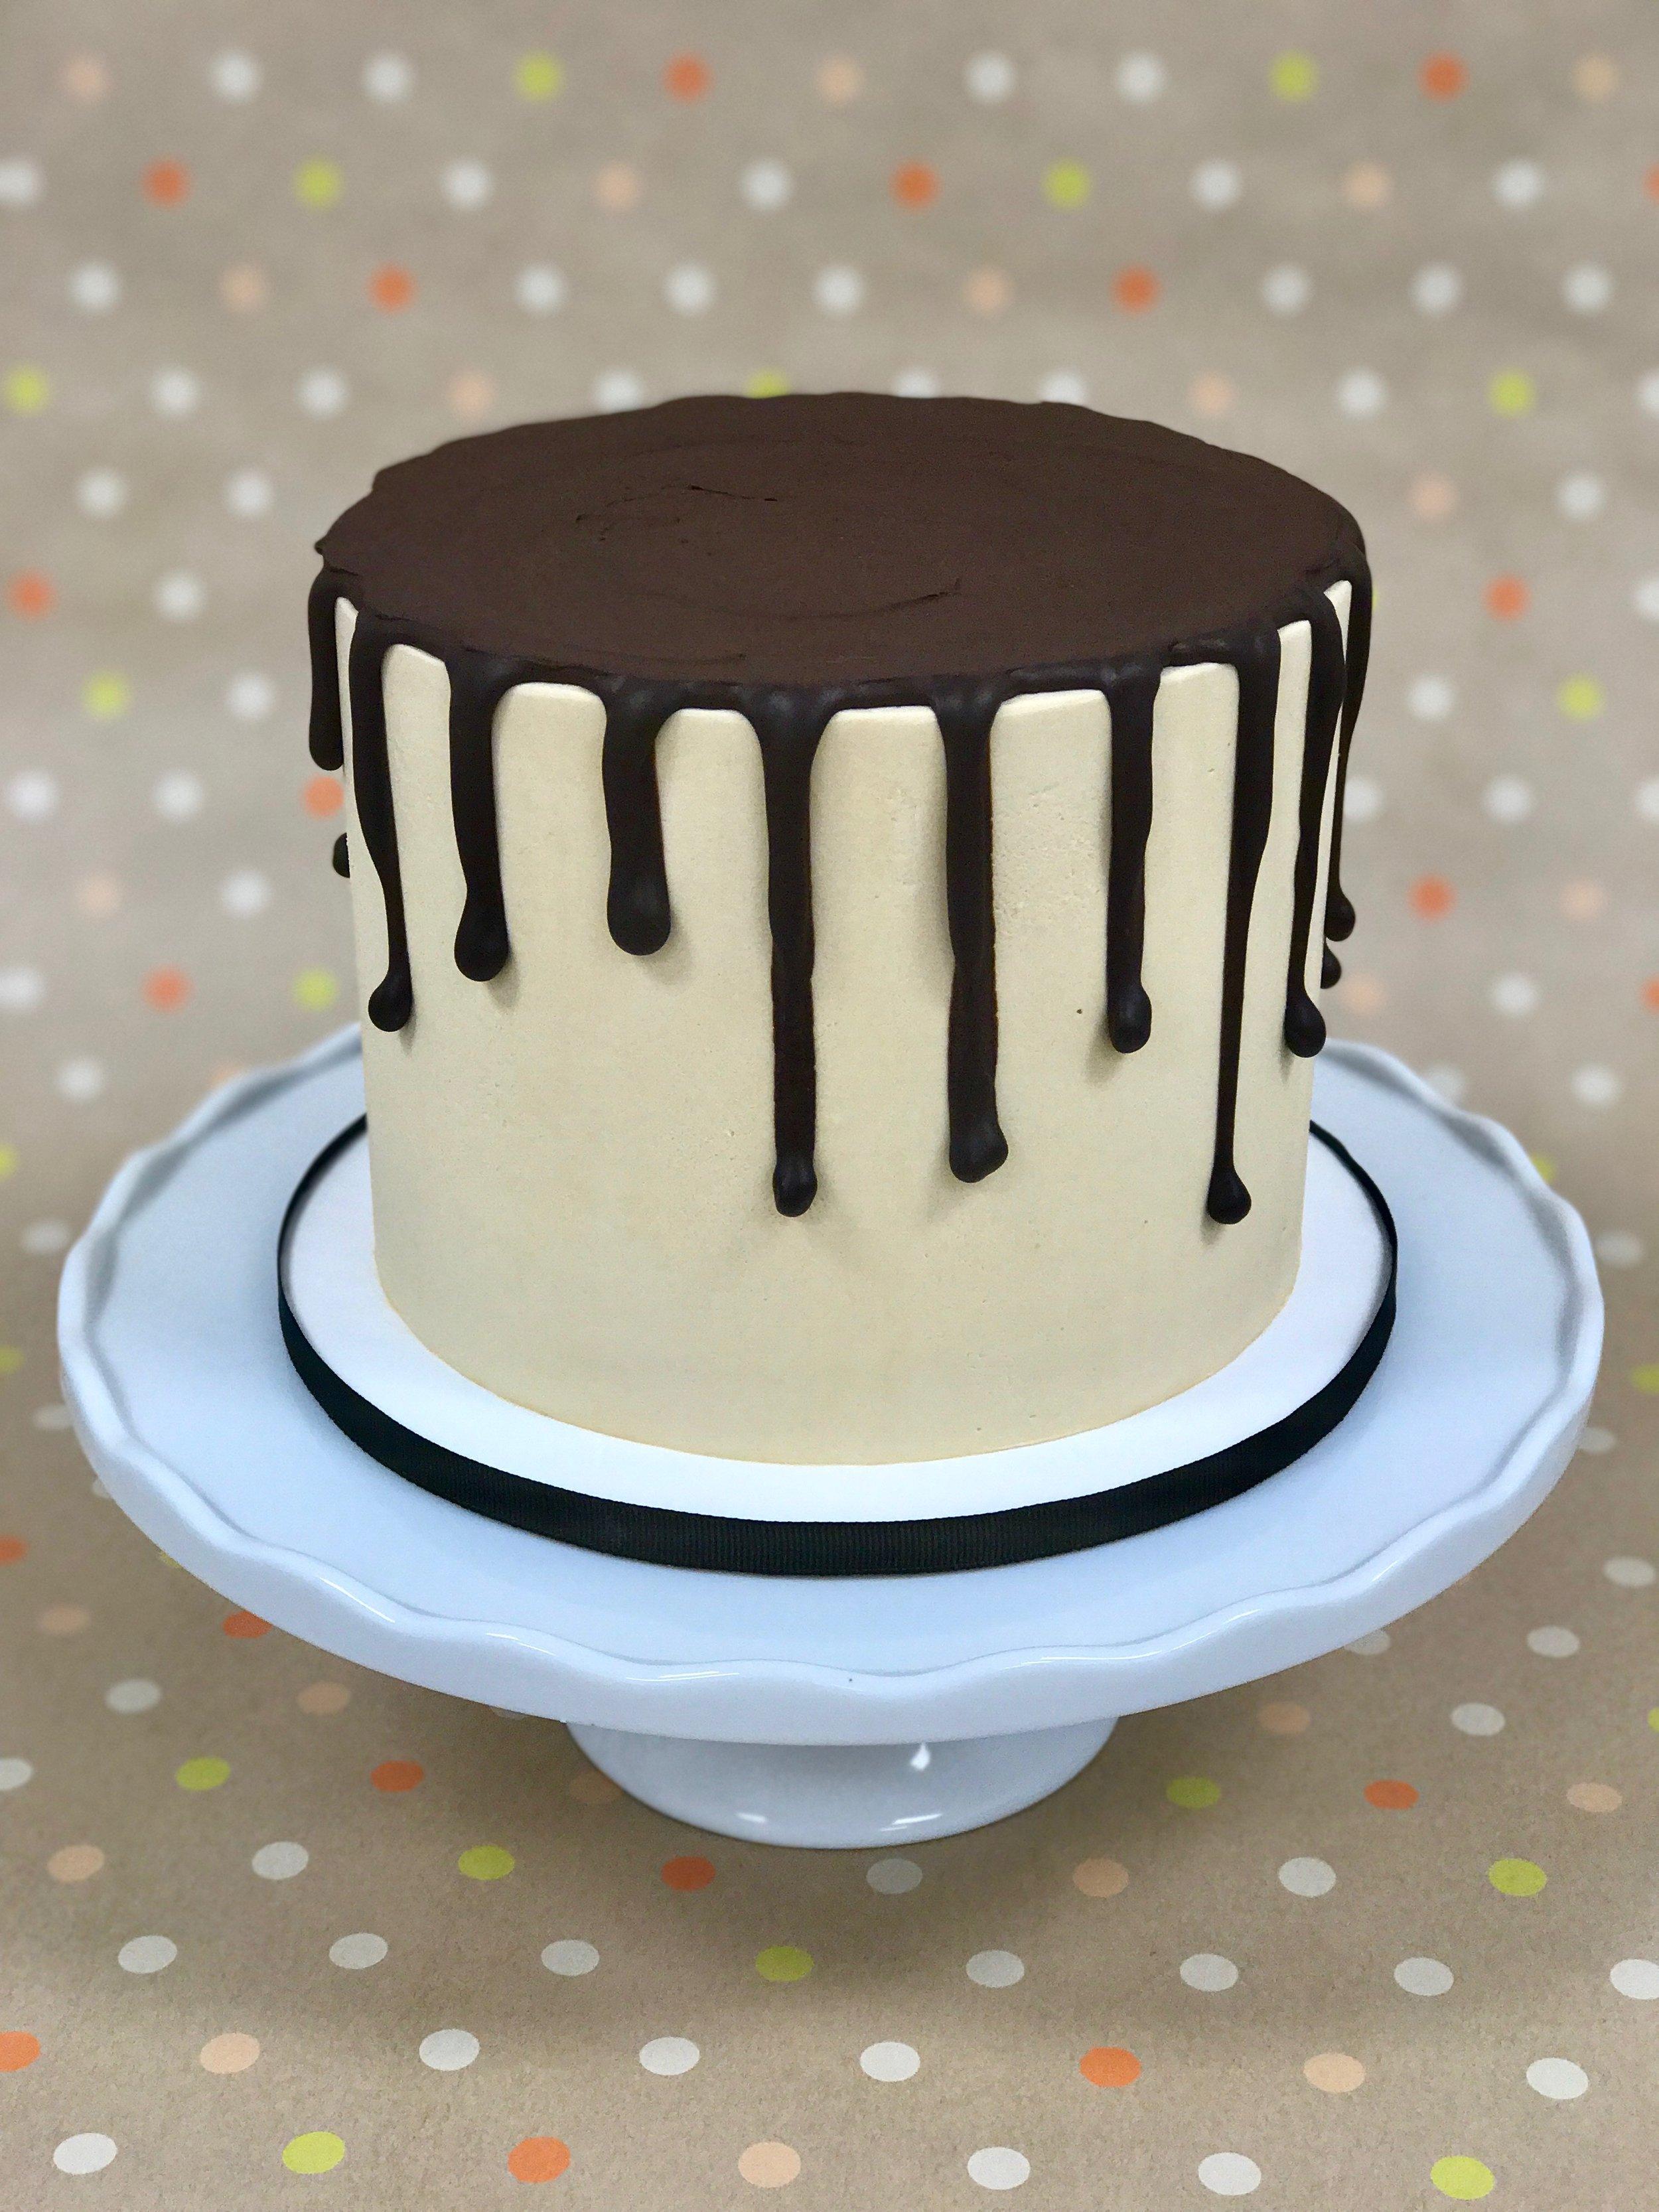 Chocolate Salted Caramel - Cake: ChocolateFilling: Salted Caramel ButtercreamFrosting: Salted Caramel Swiss Meringue Buttercream and Dark Chocolate Ganache